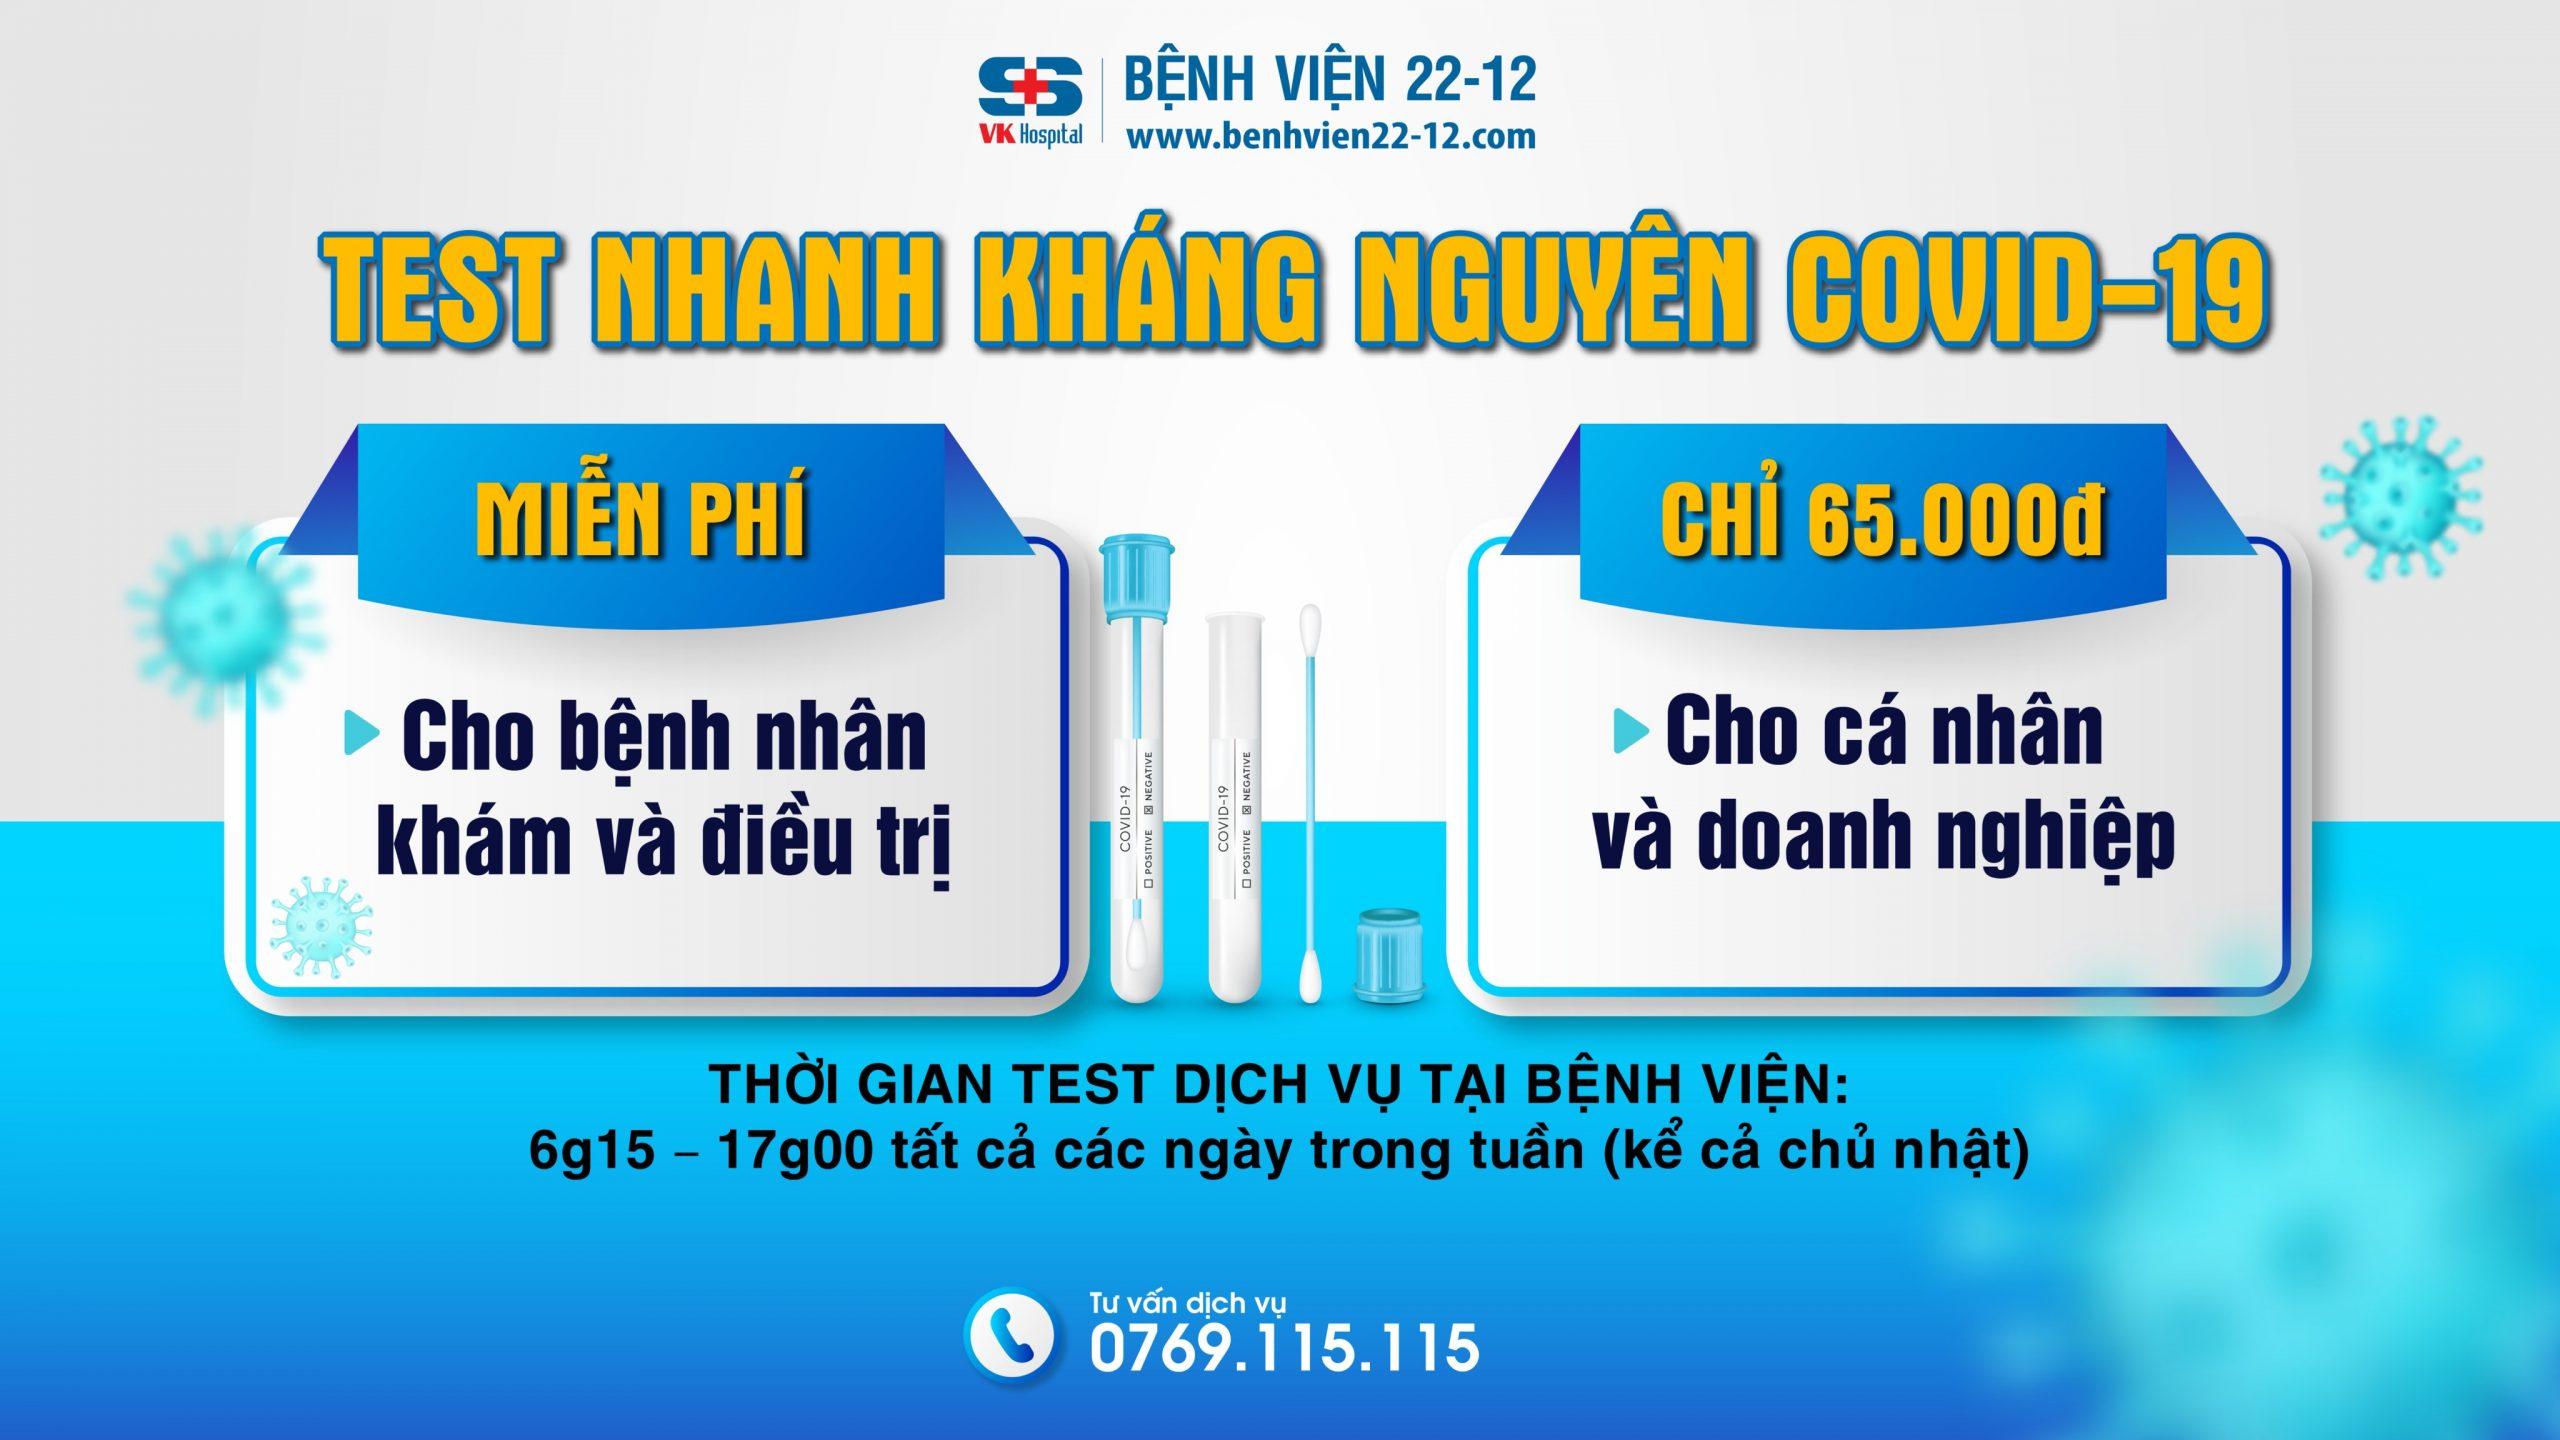 Bệnh viện 22-12   Dịch vụ test covid tốt nhất Nha Trang